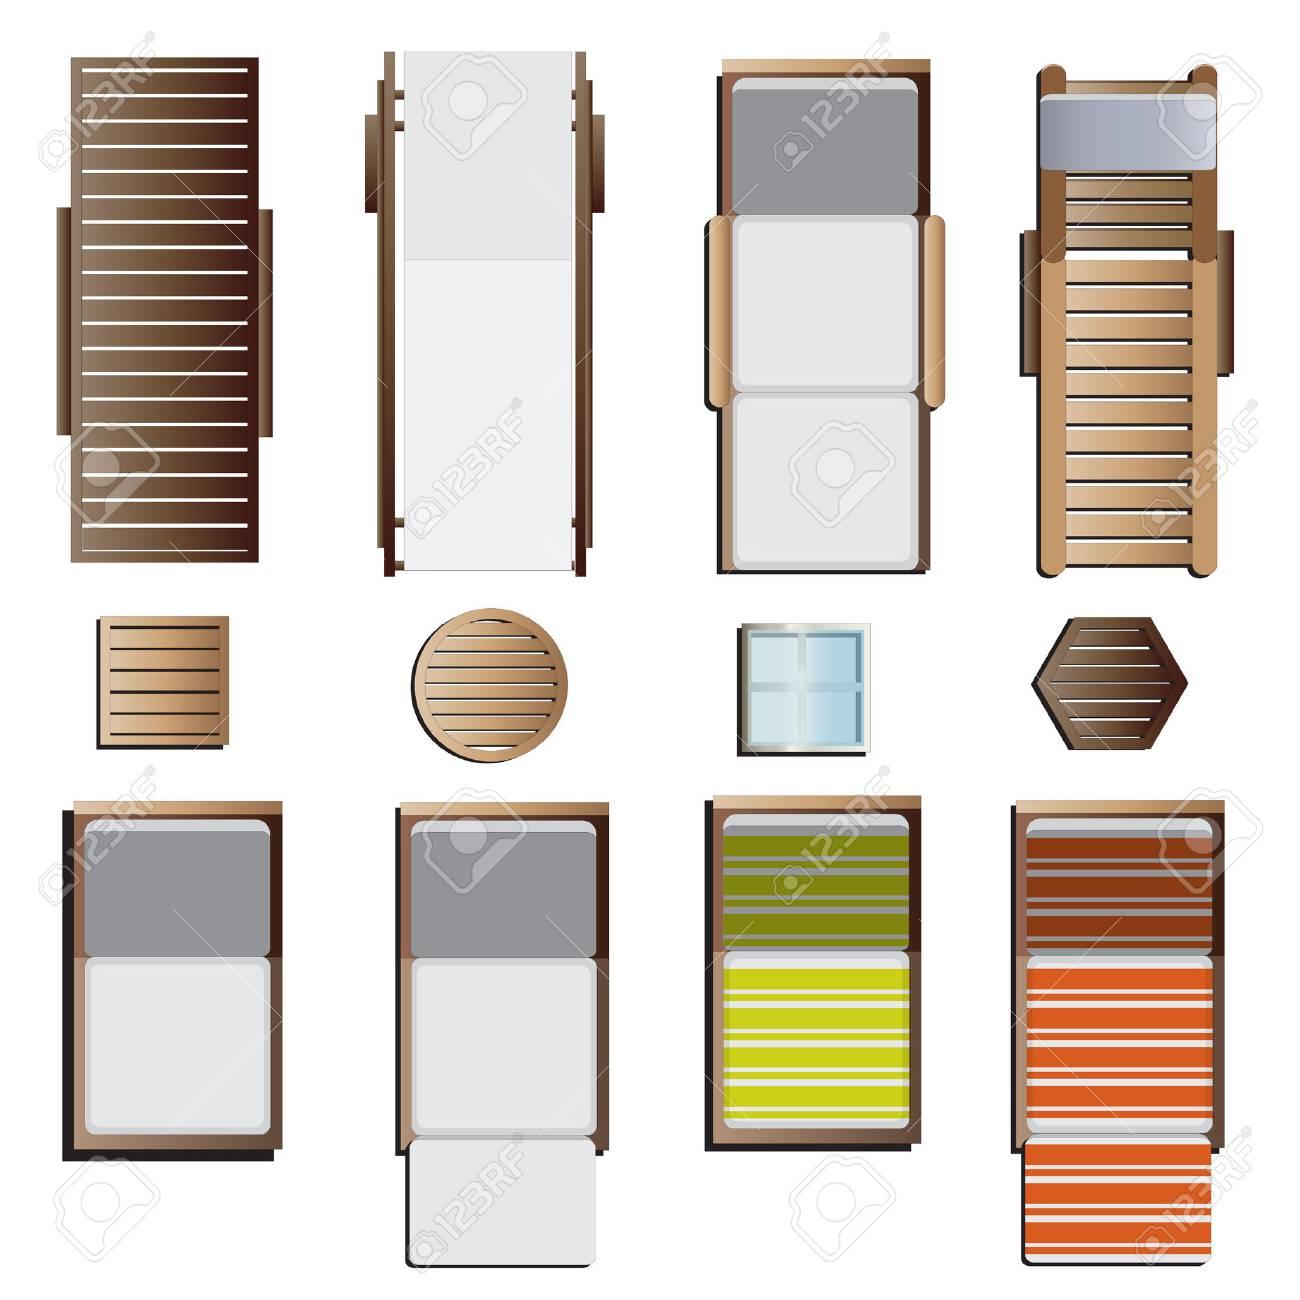 outdoor furniture sunbeds set top view set 8 for landscape design vector illustration stock outdoor